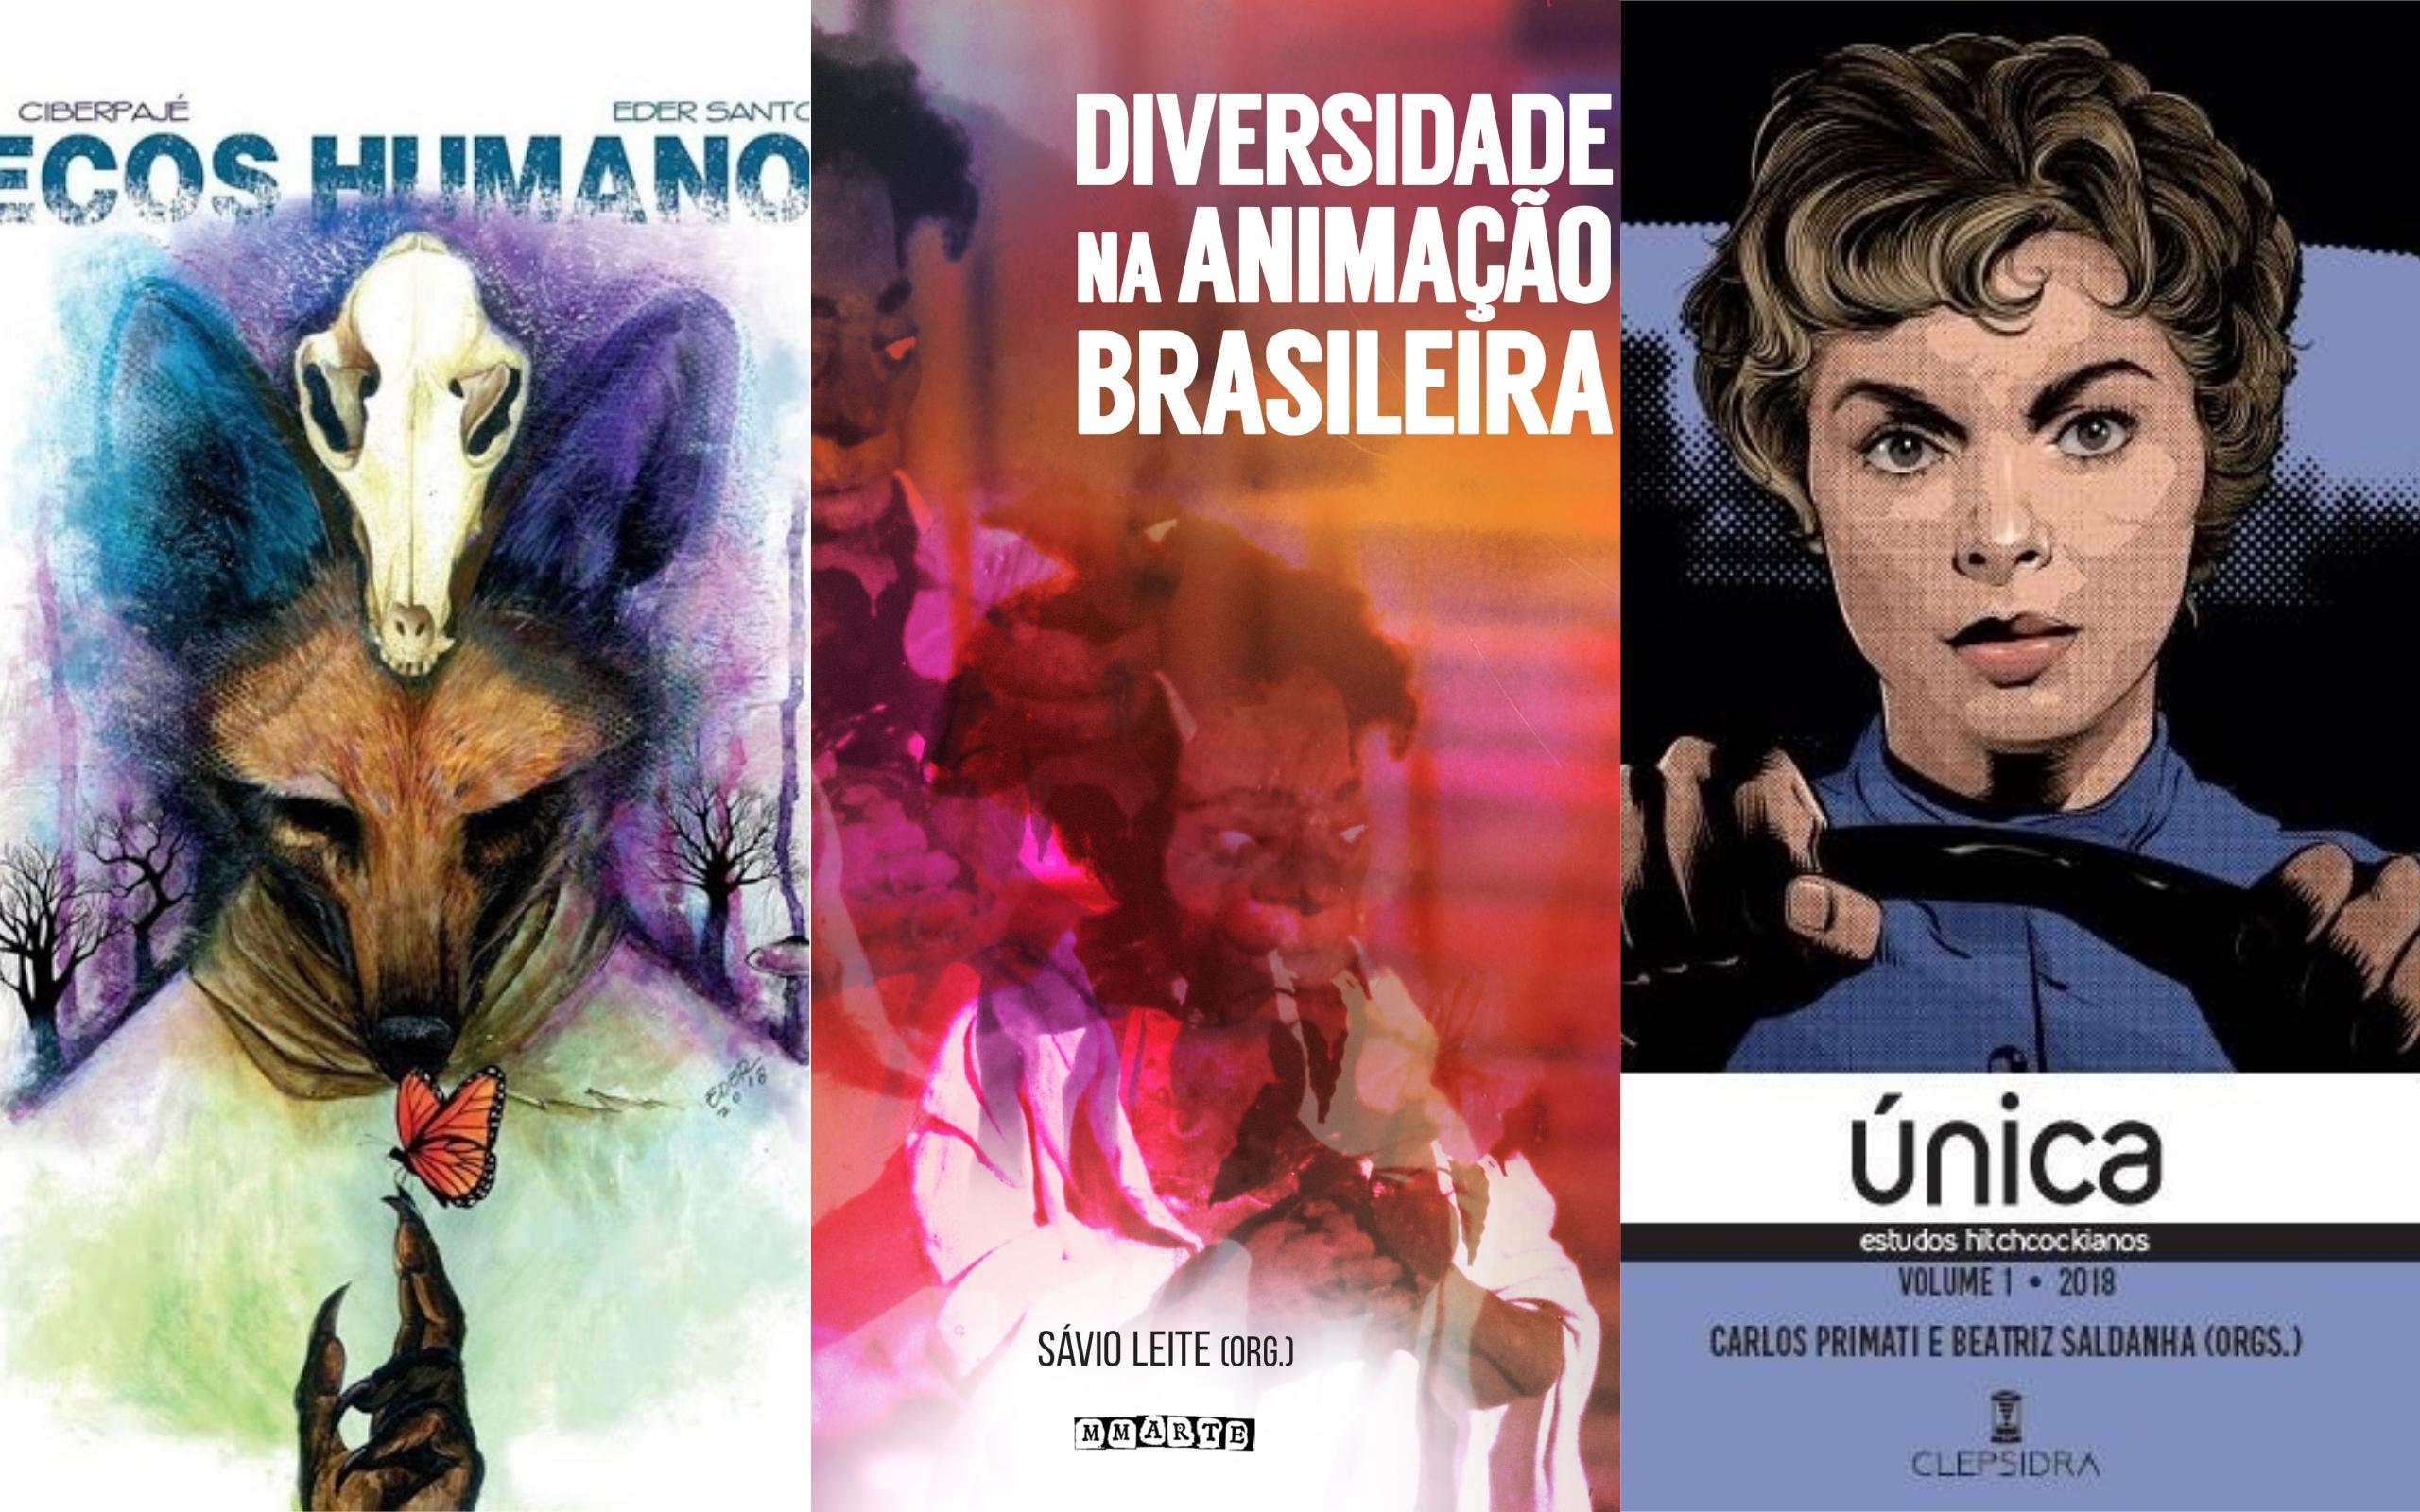 Mostra Internacional de Cinema Fantástico promove lançamento diário de livros